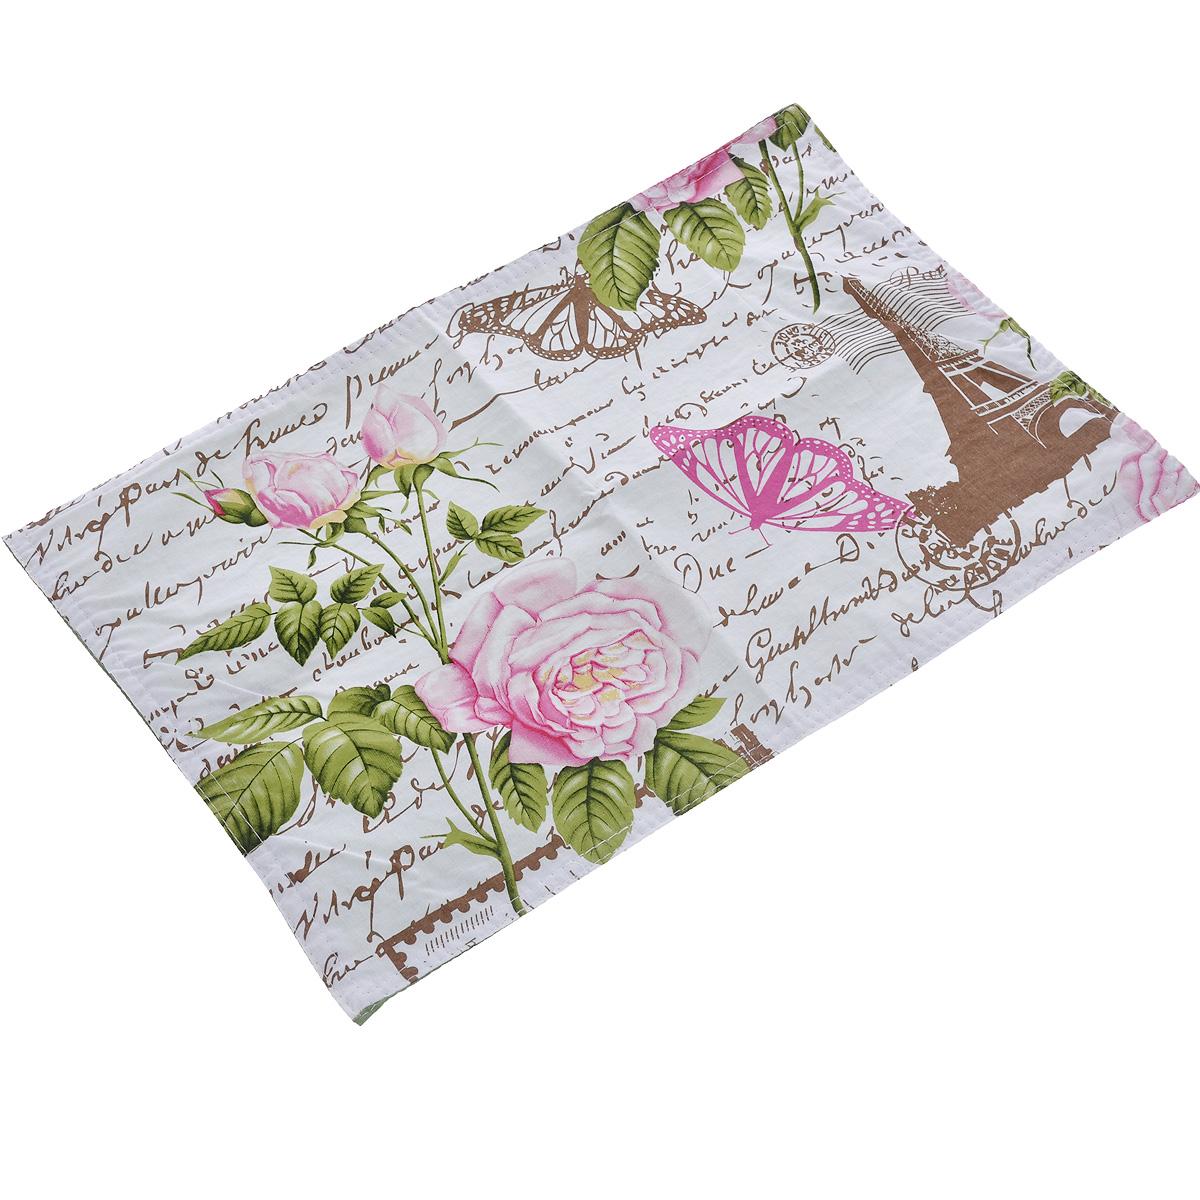 Салфетка LaSella, цвет: белый, зеленый, розовый, 45 см х 30 см. PM034B18PM034B18(F9559)Прямоугольная салфетка LaSella выполнена из высококачественного хлопка и украшена рисунком. Салфетка может использоваться для декорирования стола, комода, журнального столика. В любом случае она добавит в ваш дом стиля, изысканности и неповторимости и убережет мебель от царапин и потертостей.